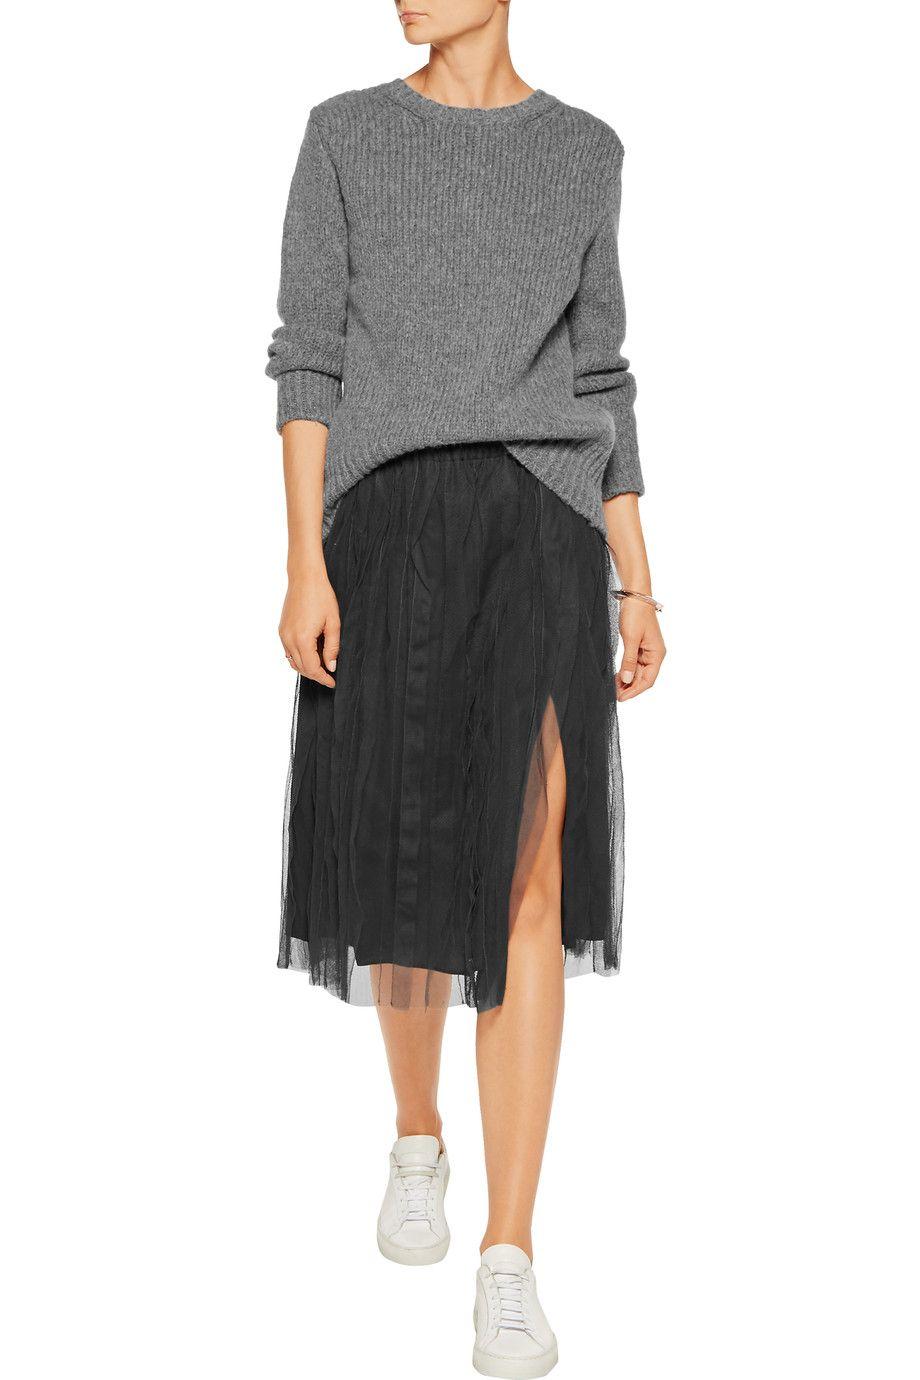 Brunello Cucinelli Cotton-tulle skirt .